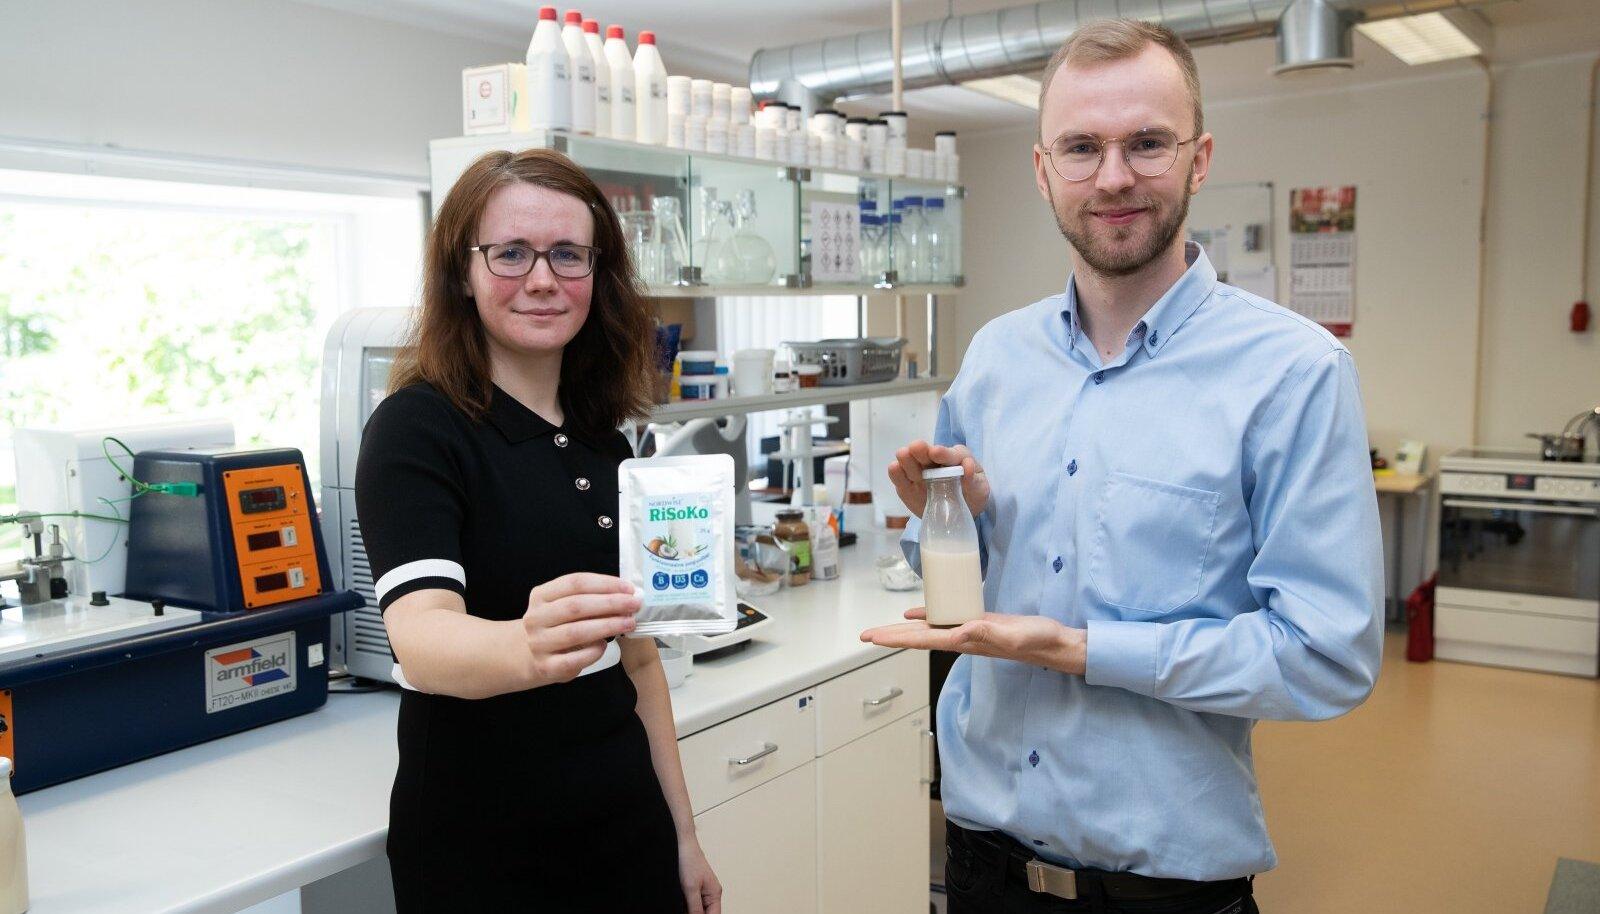 Kui tootearendusjuht Liis Lutteri käes olevale joogipulbrile lisada vett, saab Eesti esimese taimejoogi. Poes müüdavad valmisjoogid maitsevad turundusjuht Justin Heina sõnul vahel tühjalt, kuid RiSoKole annavad mõnusa maitse vanilliin ja kookos.